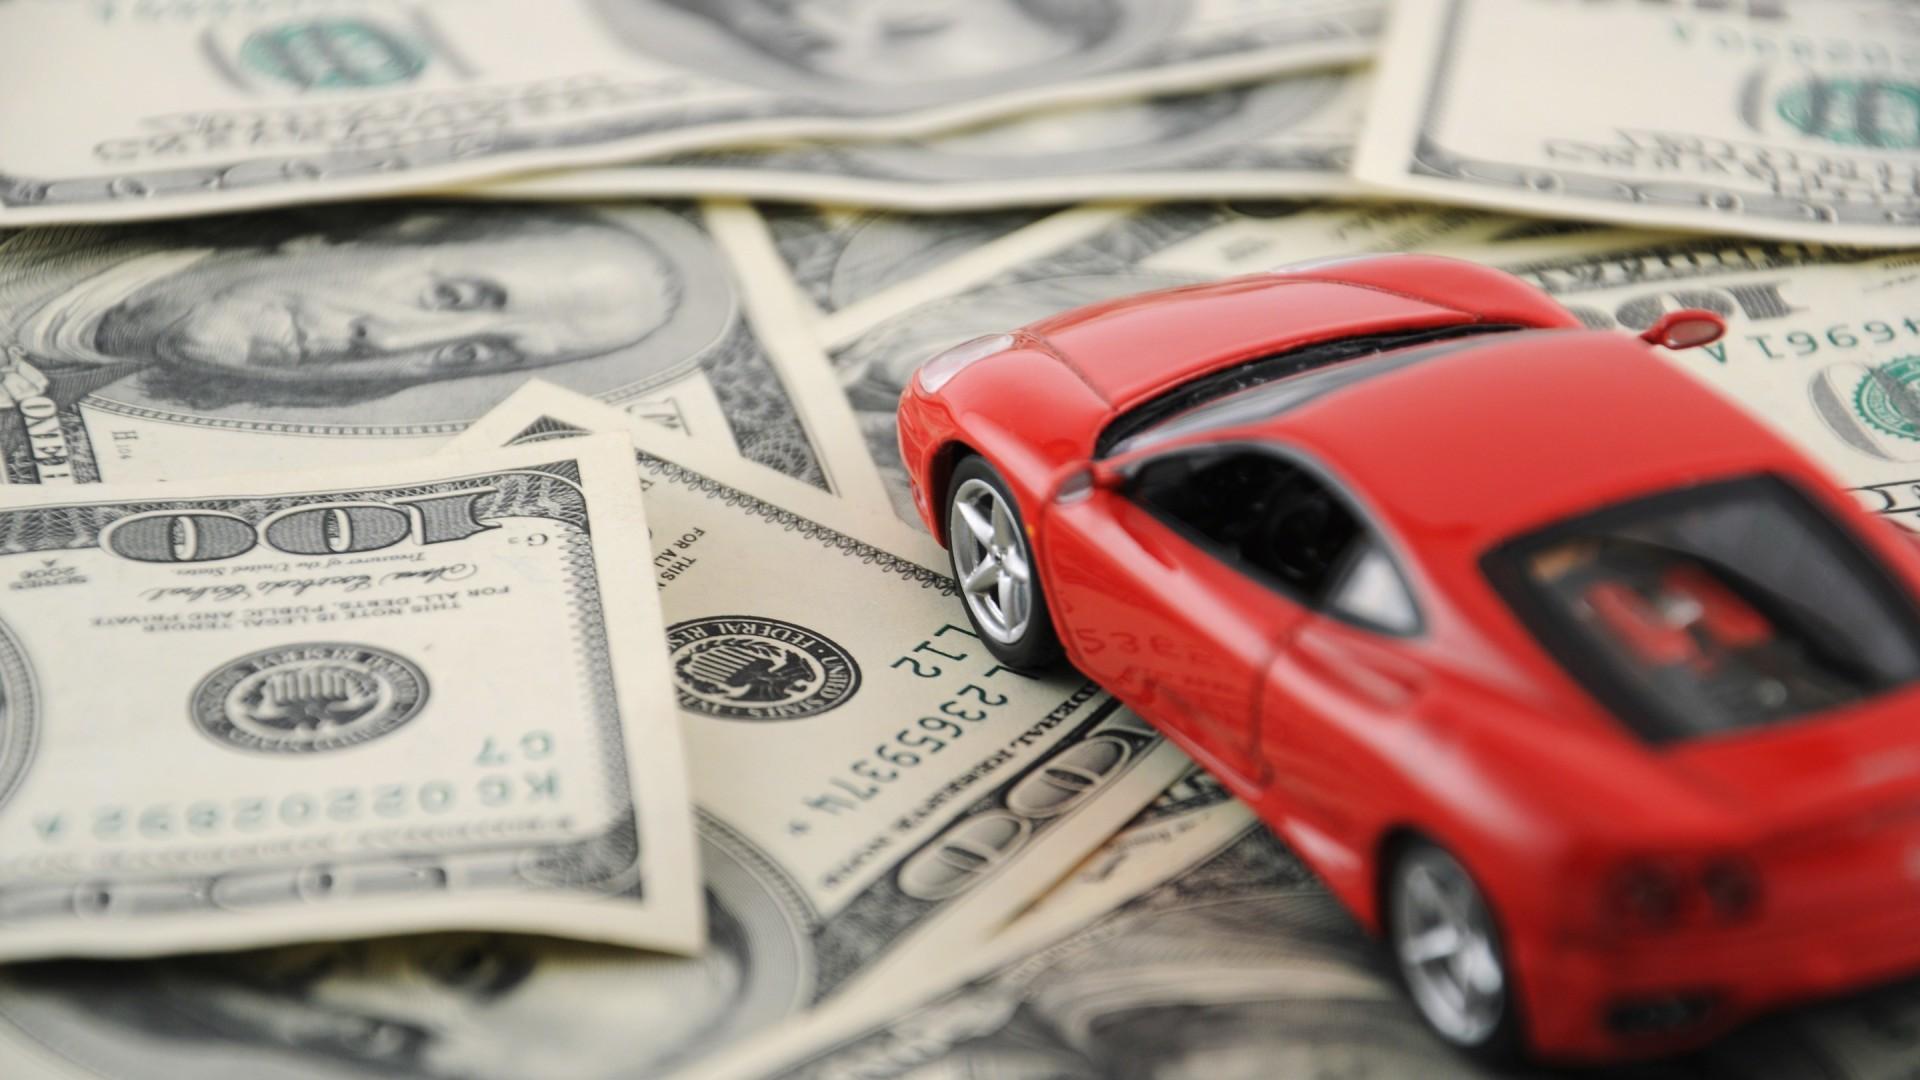 Машинка для денег в авто продажа авто тюмень ломбард